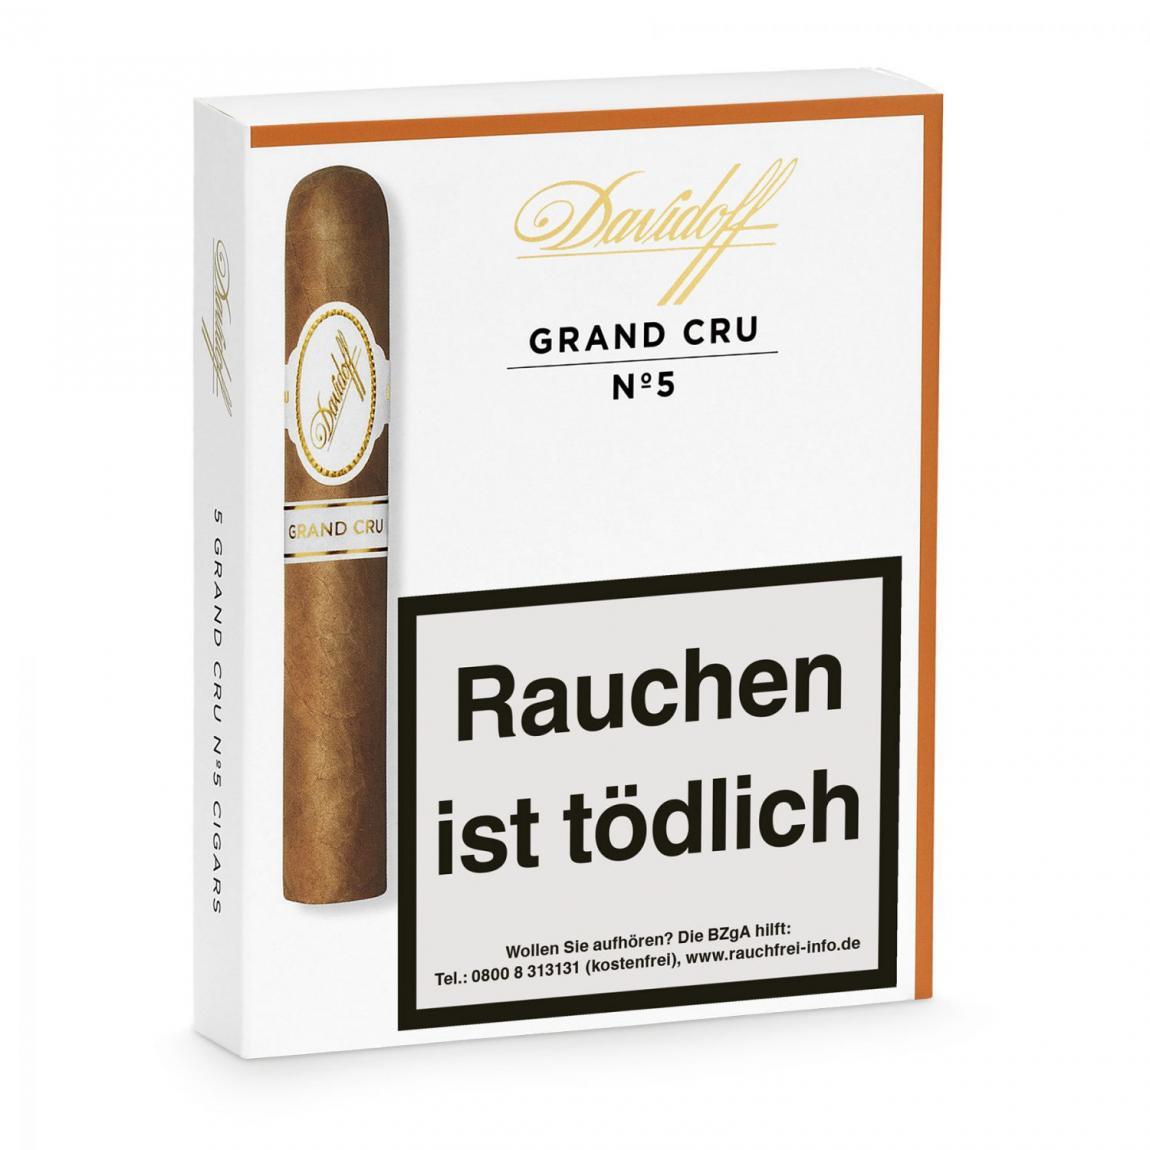 Davidoff »Grand Cru« No. 5, 5er Schachtel